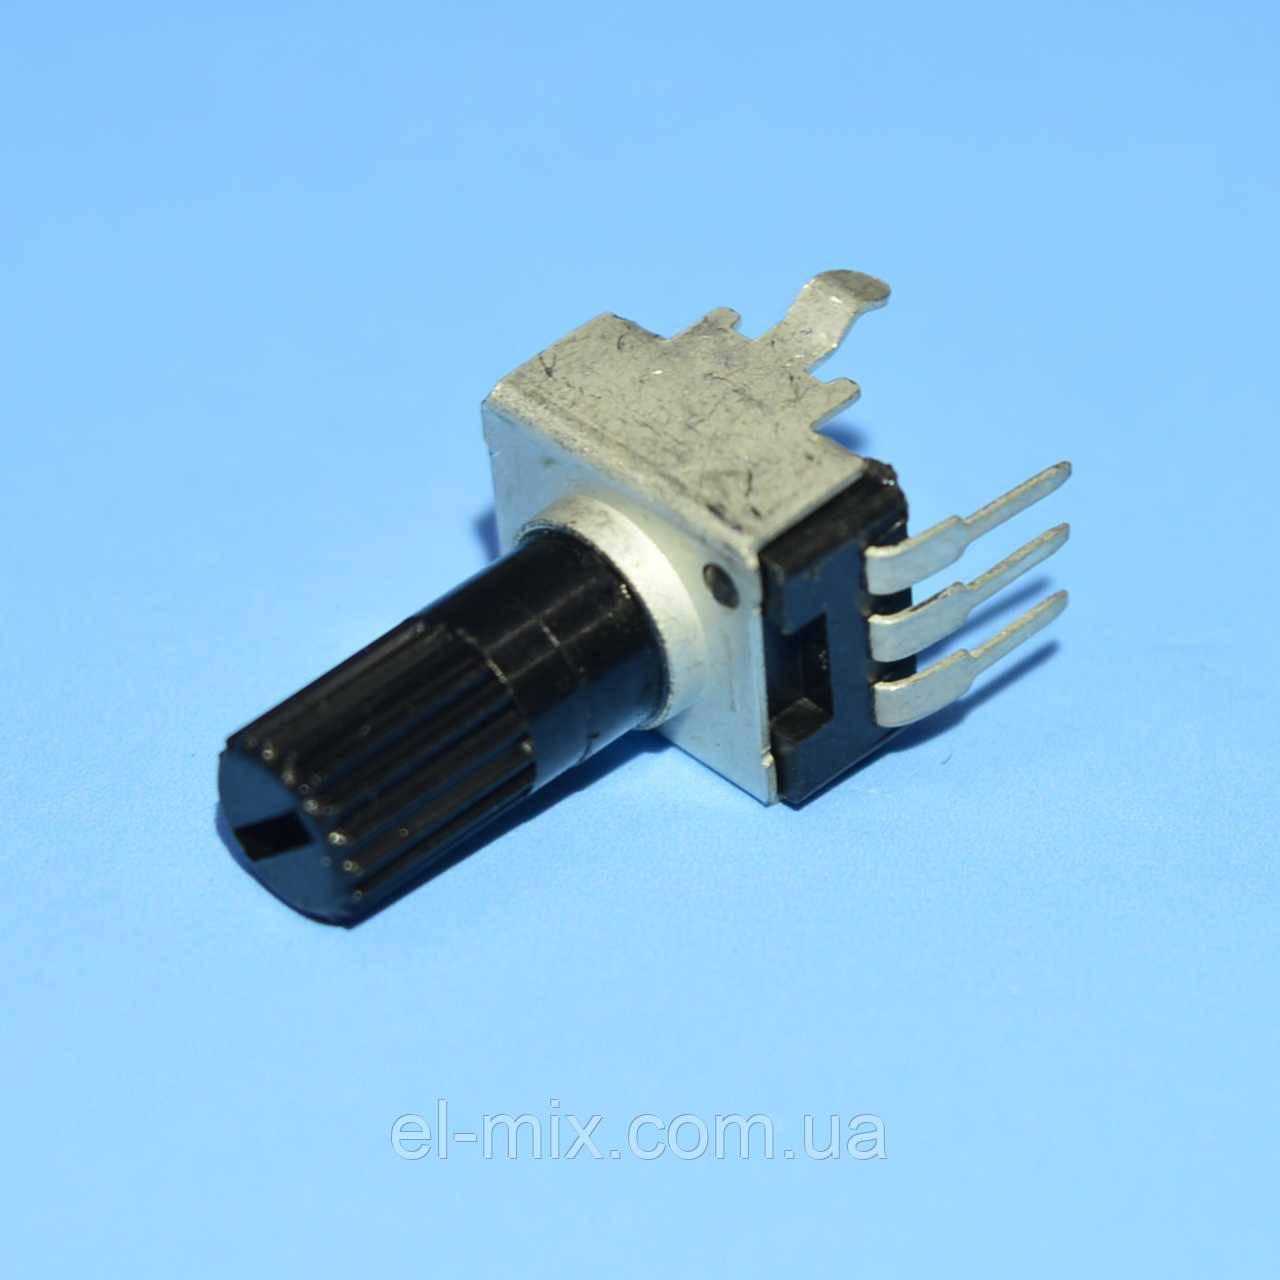 Резистор переменный R0902N 3pin  B1МОм L-20 вертик. регулировка, Китай